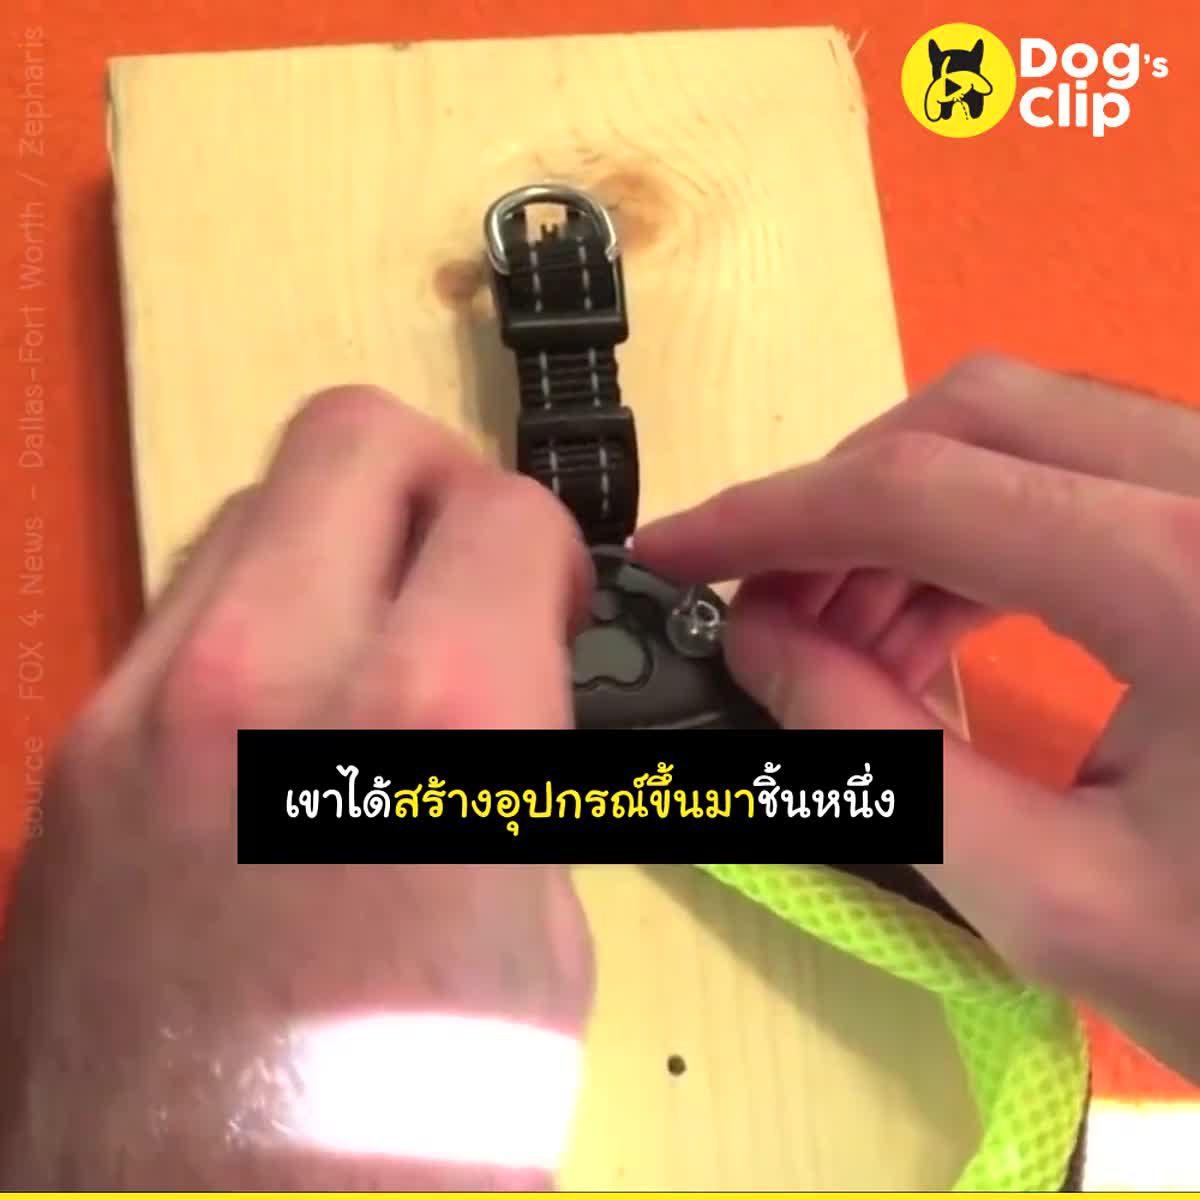 บัดดี้ น้องหมาตาบอดที่ไม่เคยโดดเดี่ยว | Dog's Clip